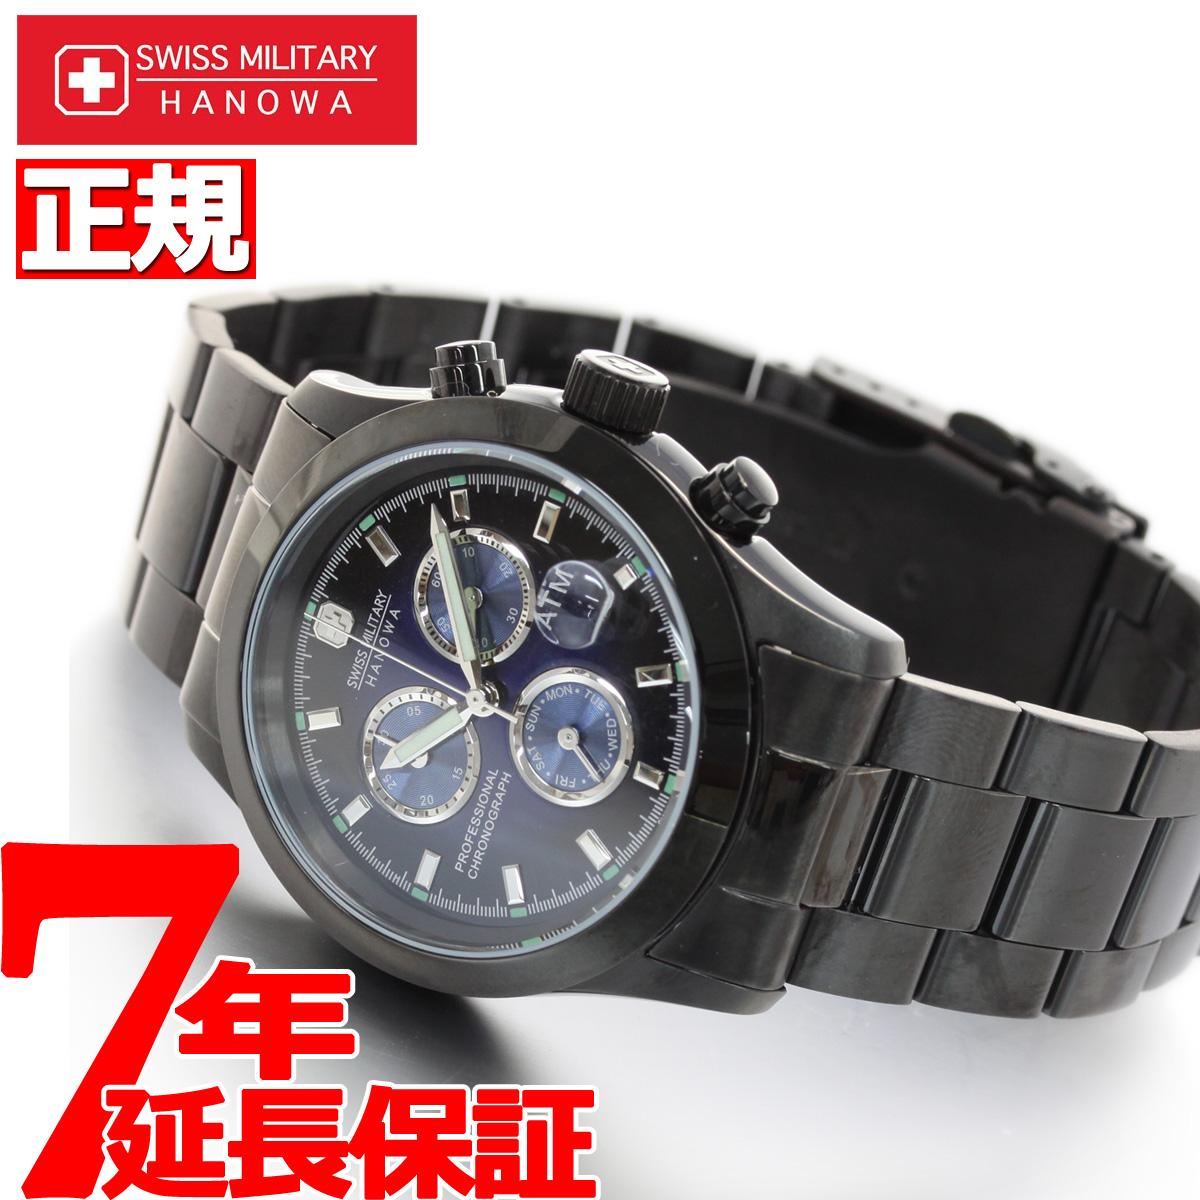 【5日0時~♪2000円OFFクーポン&店内ポイント最大51倍!5日23時59分まで】スイスミリタリー 腕時計 PVD BLACK BIG CHRONO ML248 SWISS MILITARY